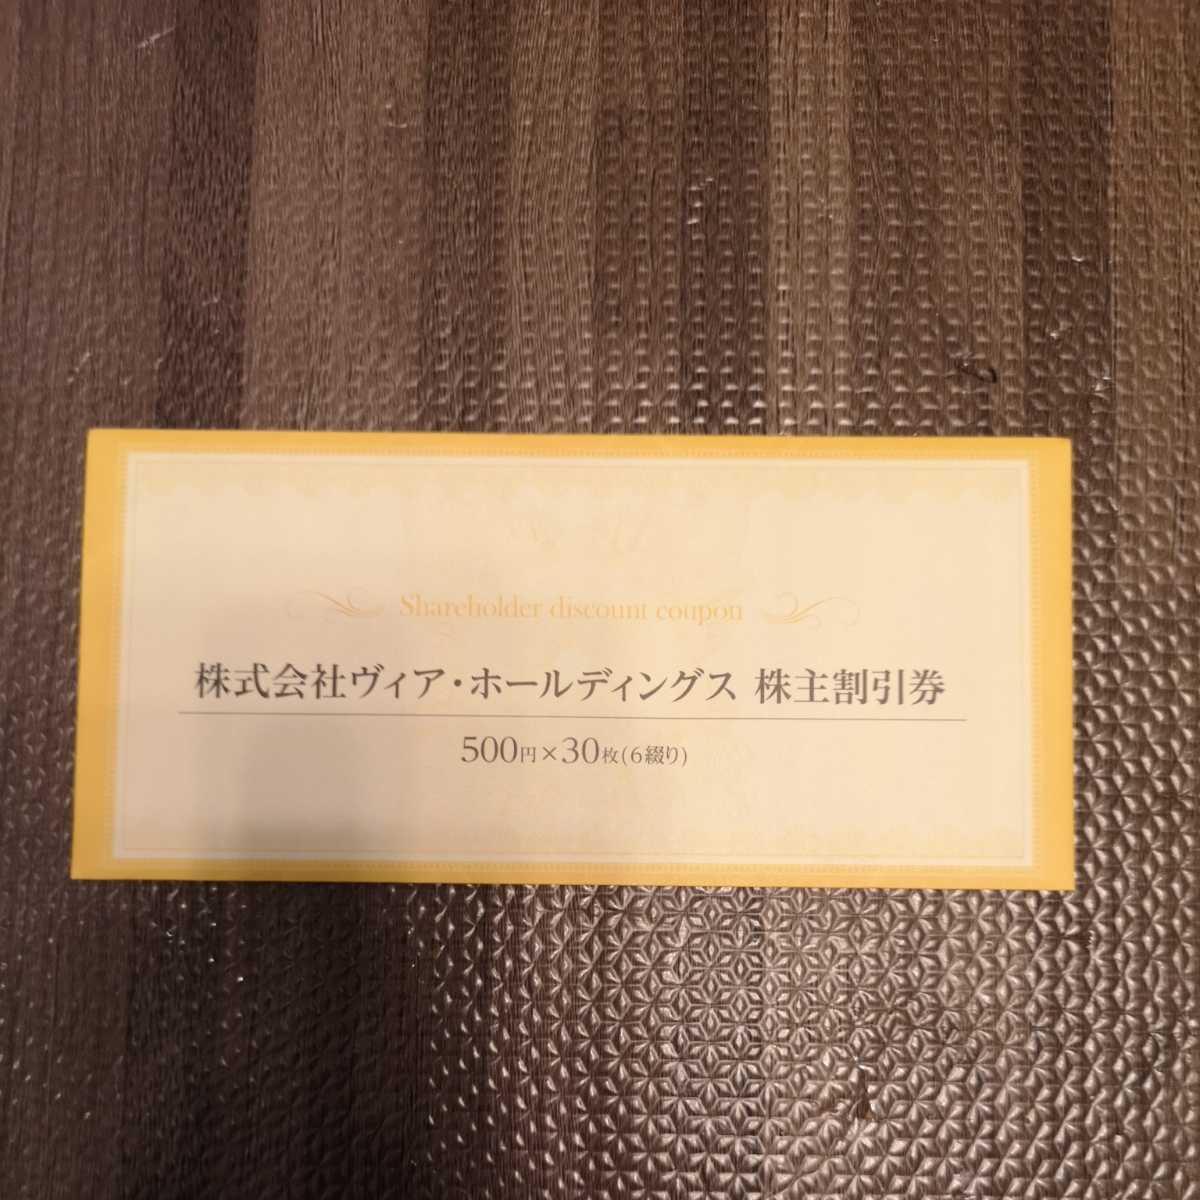 【送料無料】ヴィアホールディングス 株主優待 15000円分 _画像1